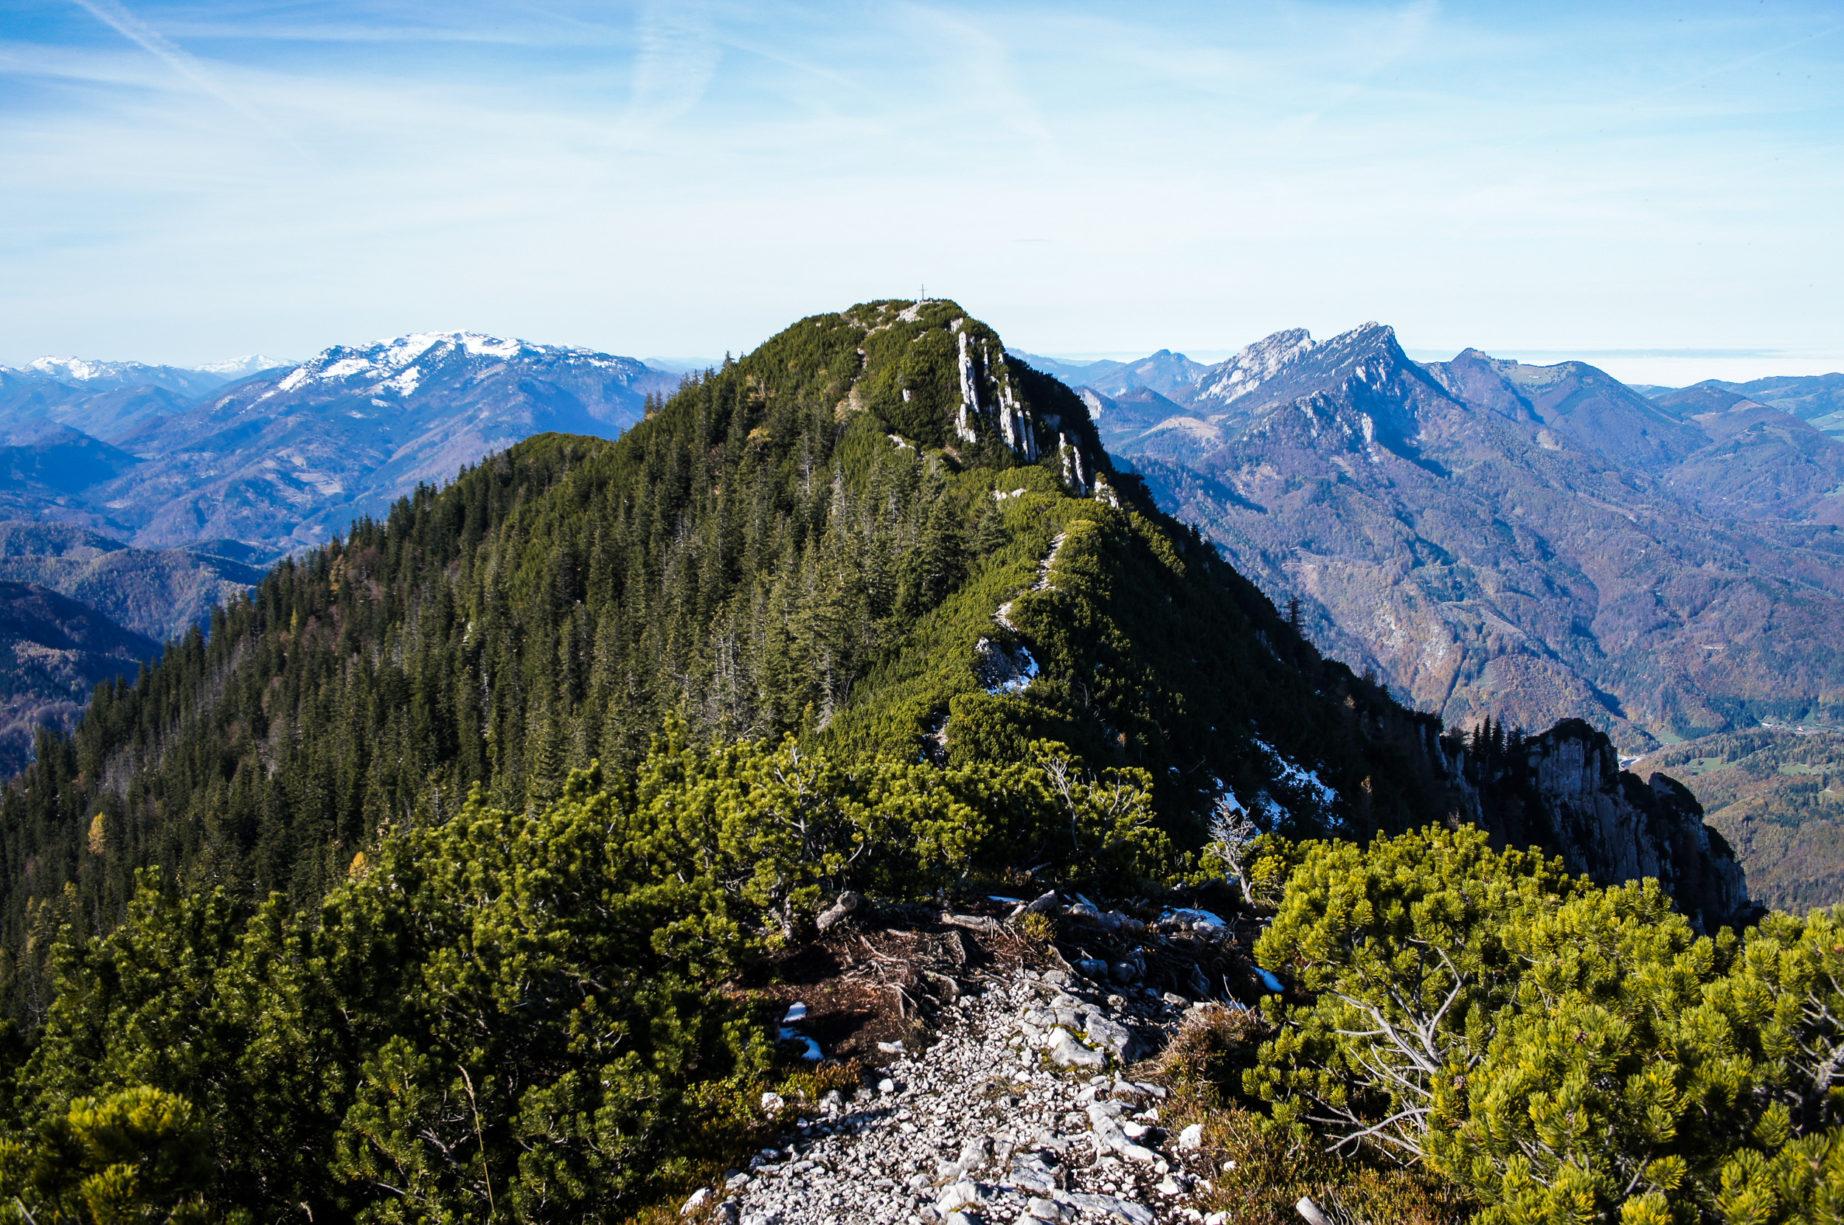 Ganz hinten kann man das Gipfelkreuz vom Spering schon sehen.